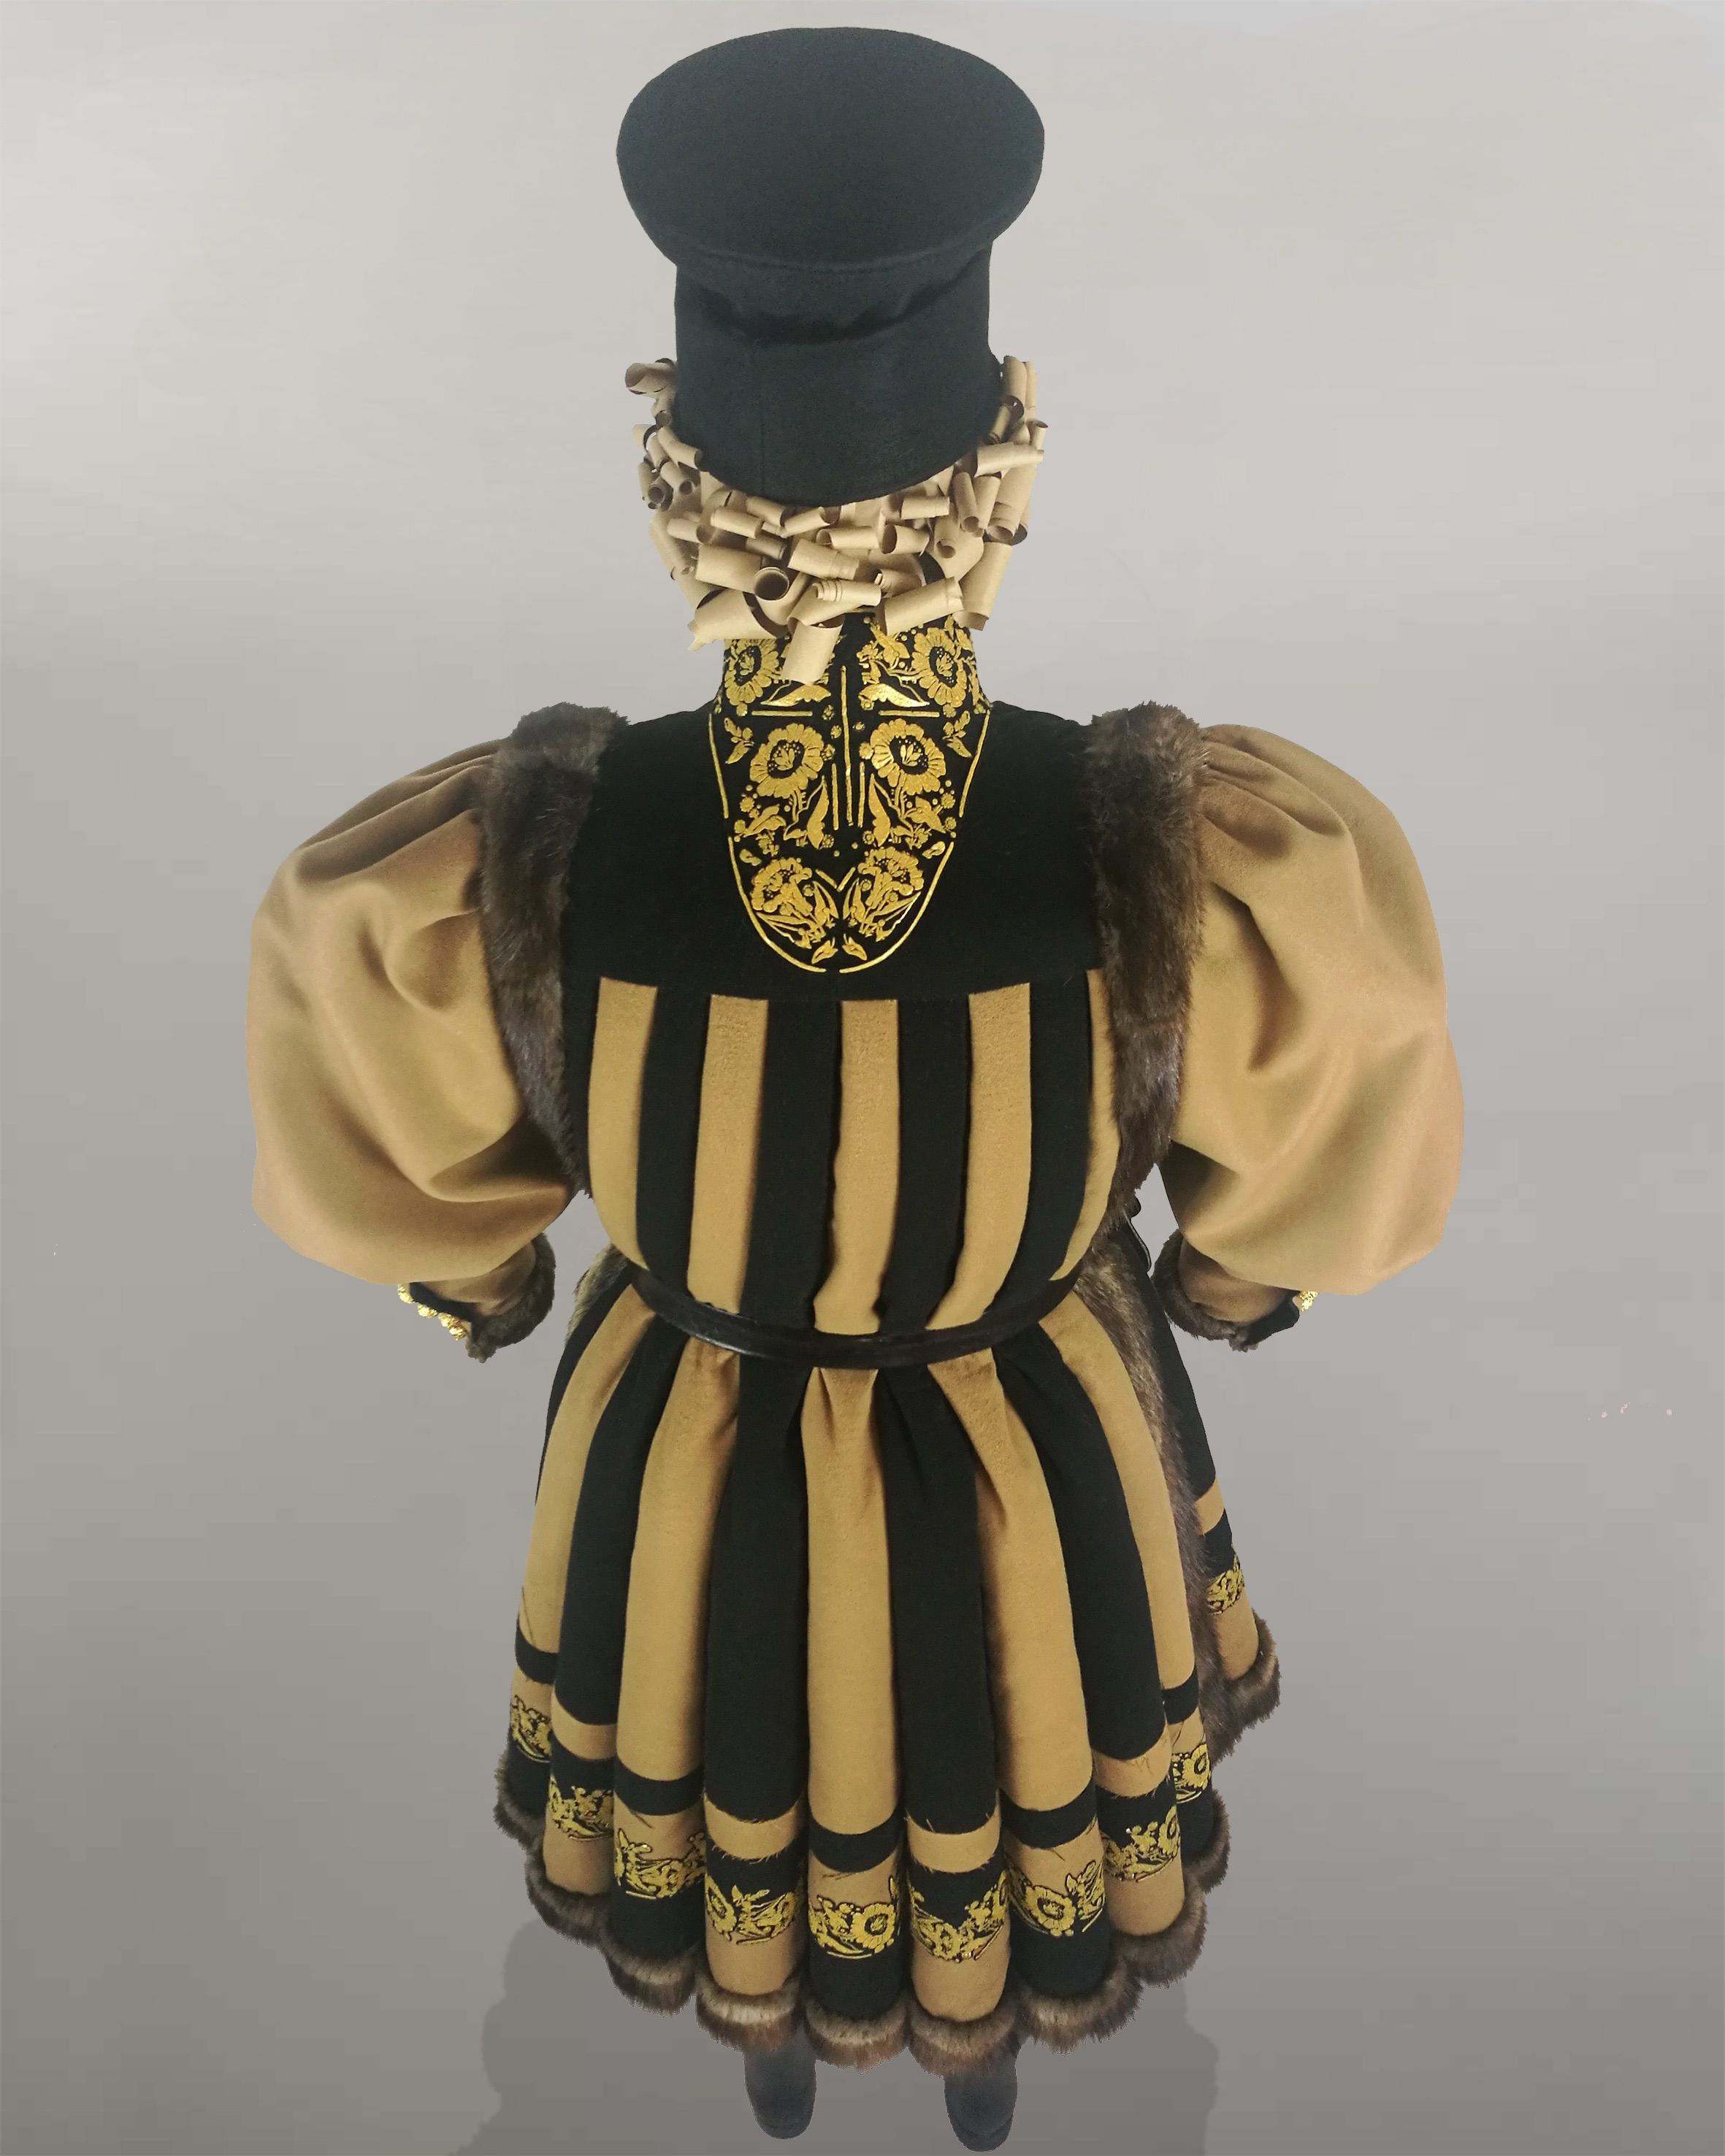 Man dress by Duchessa Embroidery Abito uomo fatto con